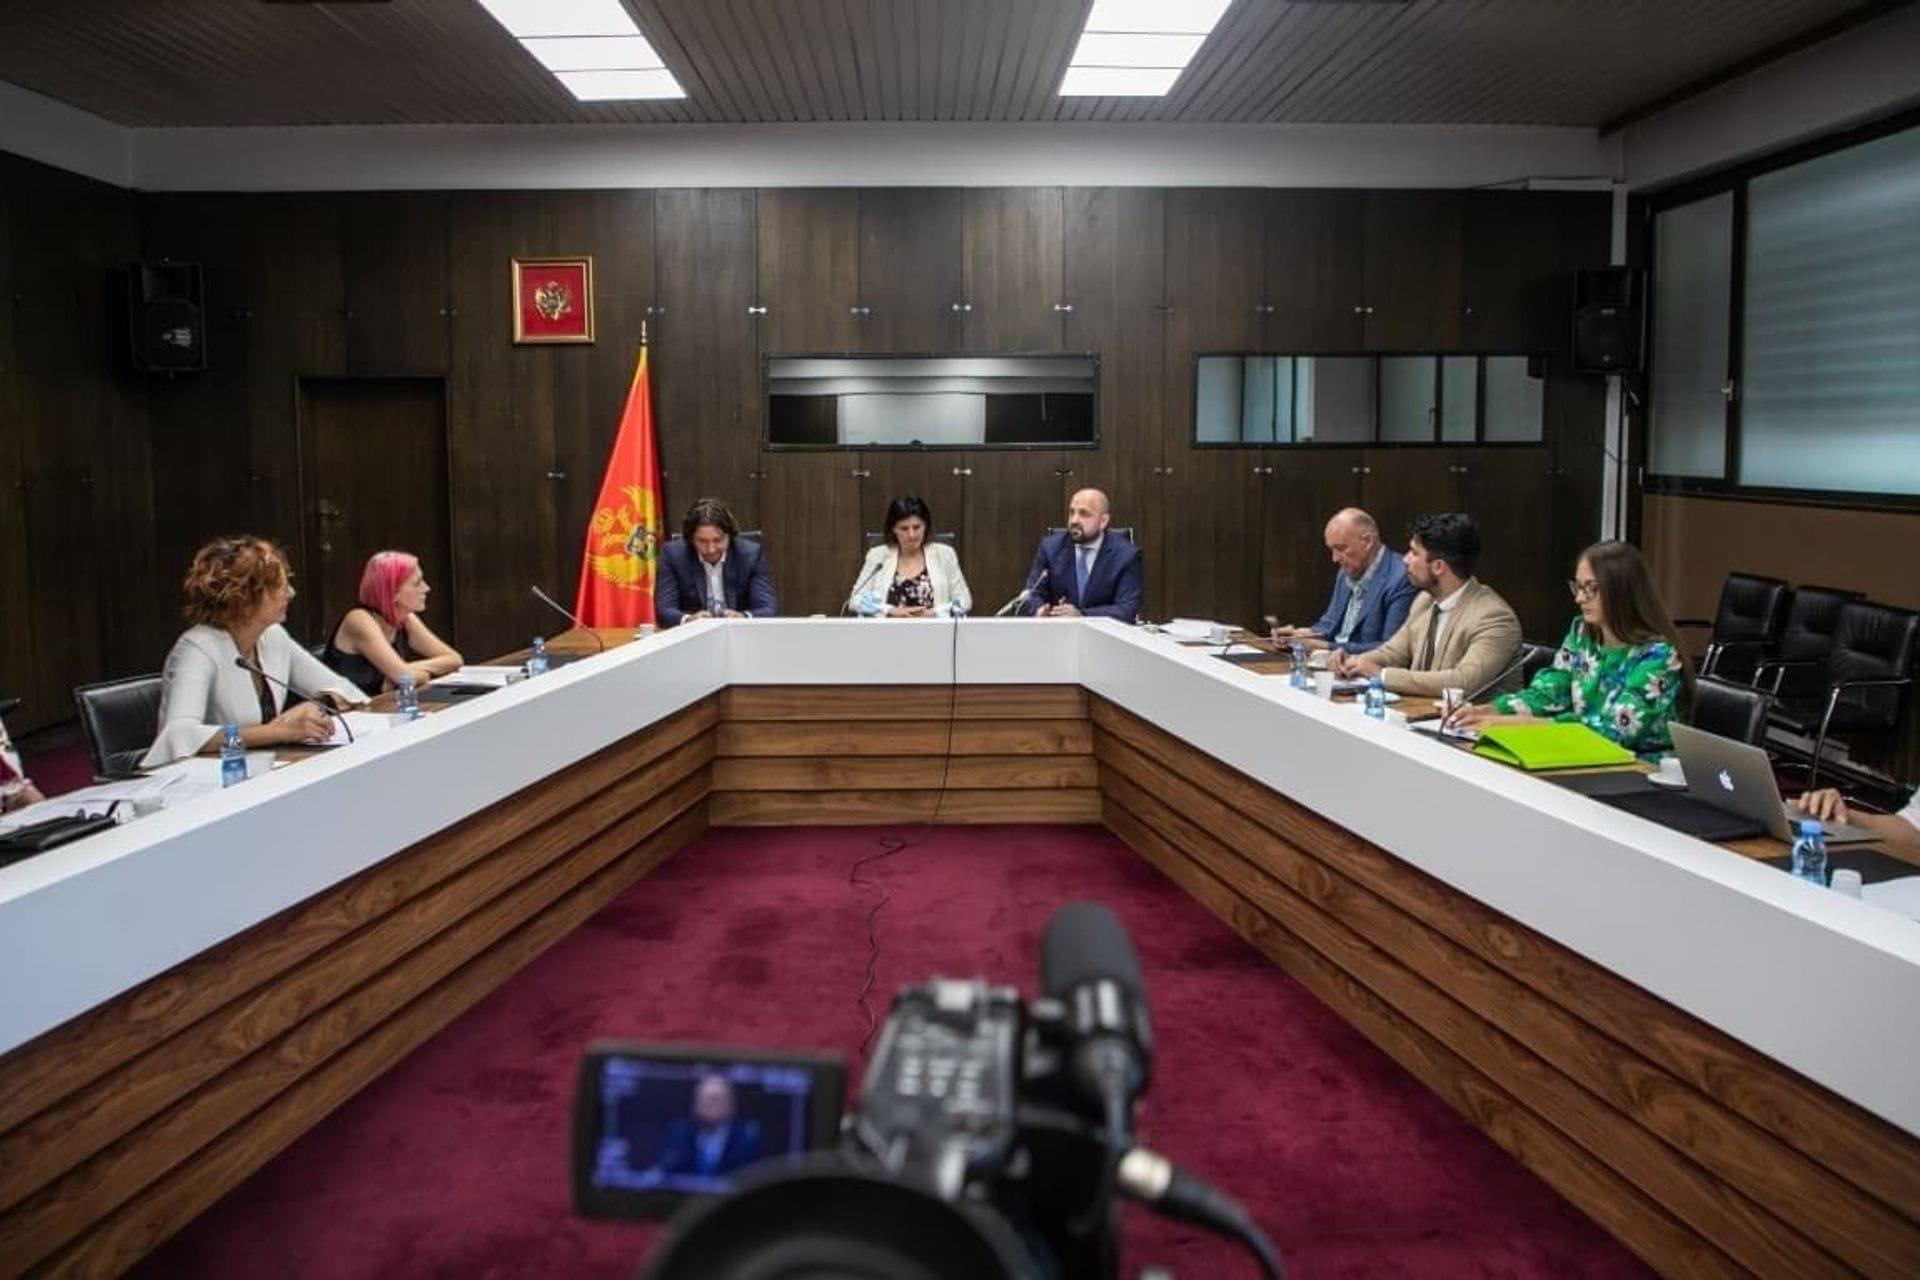 Održana konstitutivna sjednica Radne grupe za poglavlje 23 – Pravosuđe i temeljna prava